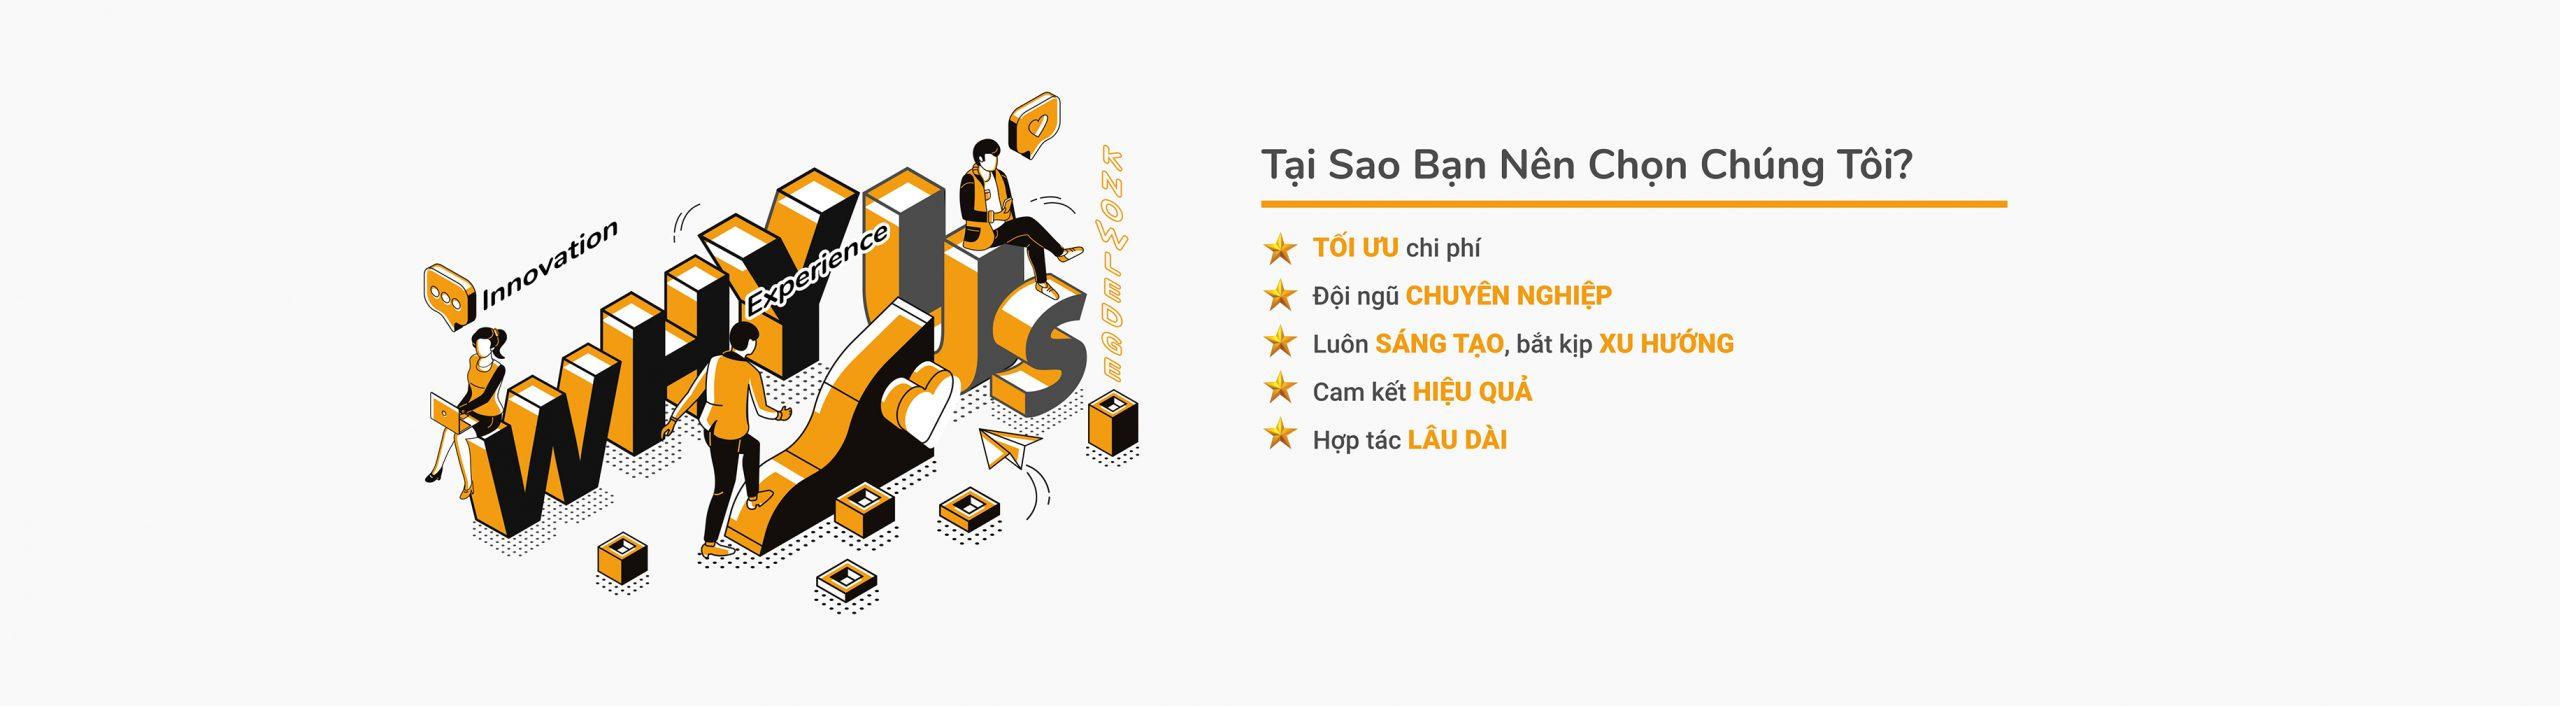 Hmedia Biên Hòa Đồng Nai